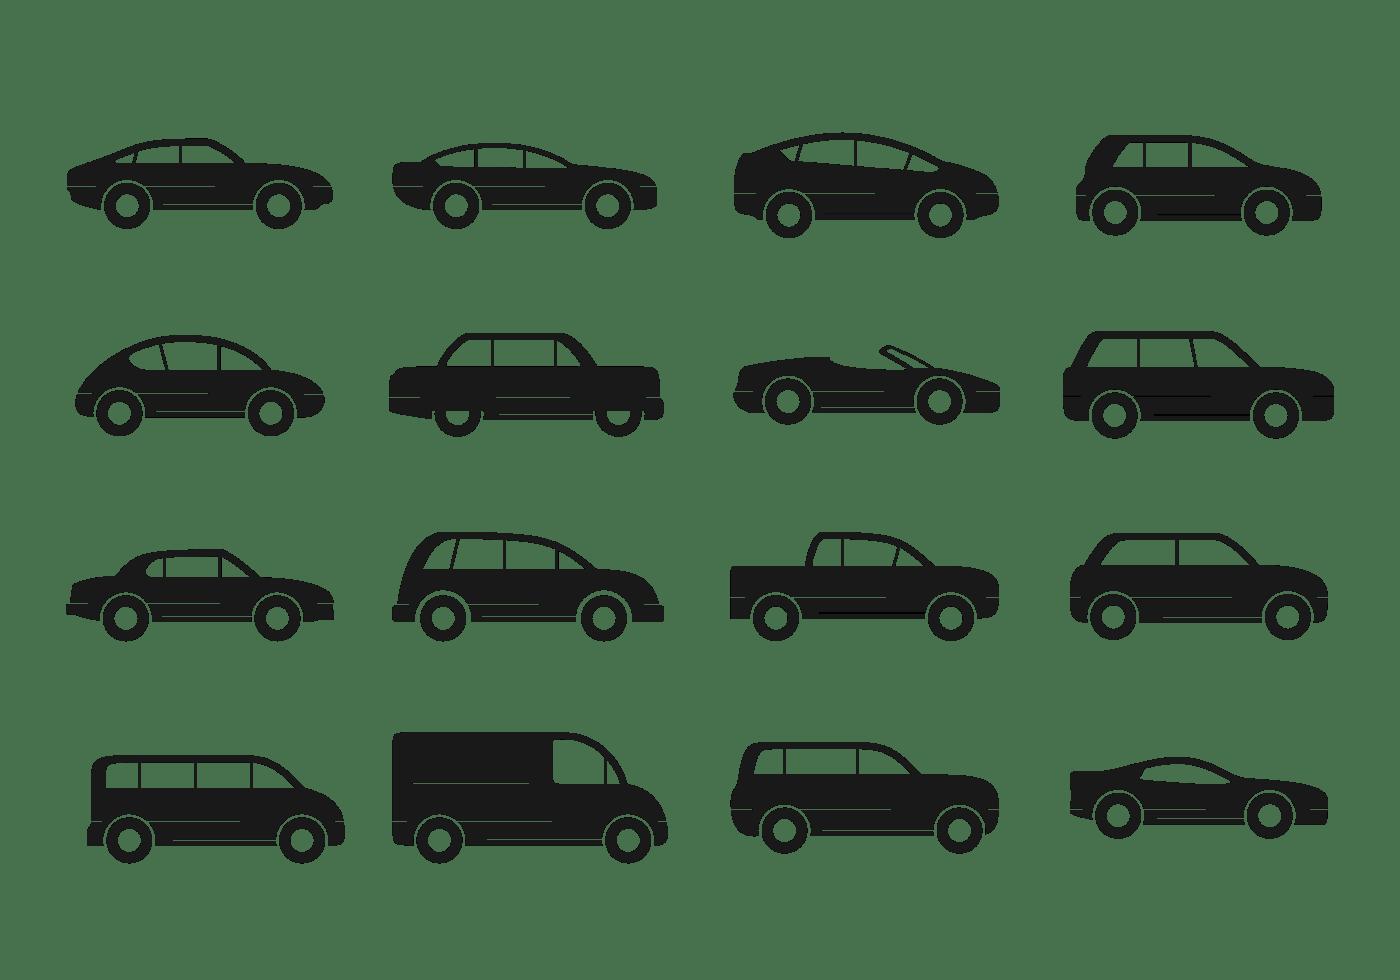 Car Graphics Free Vector Art